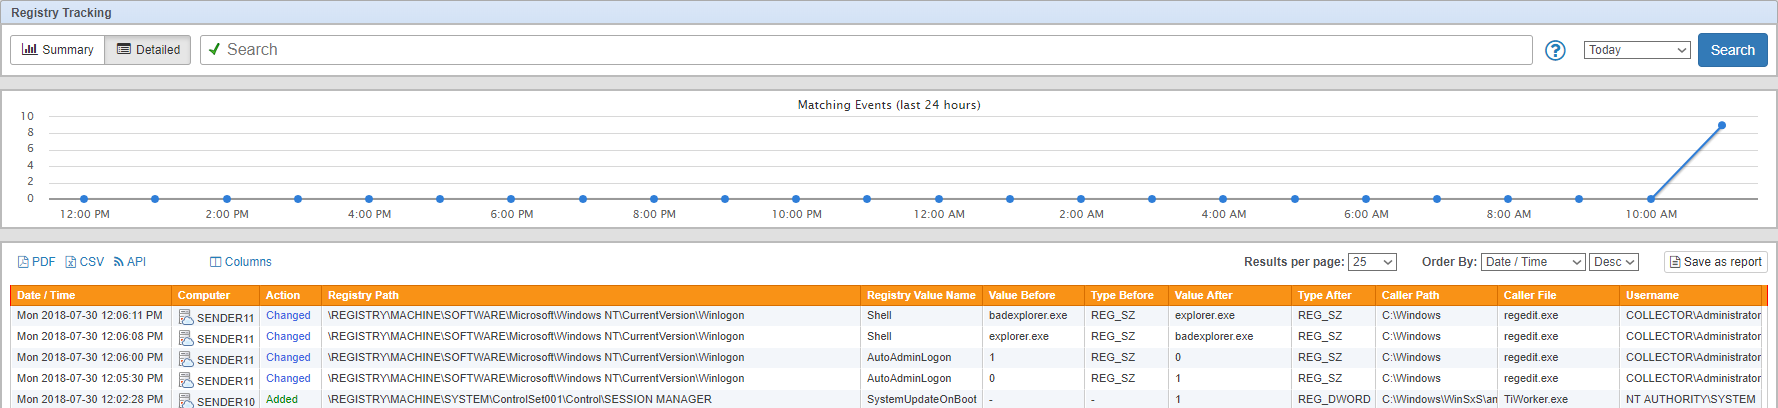 Registry Tracking Details